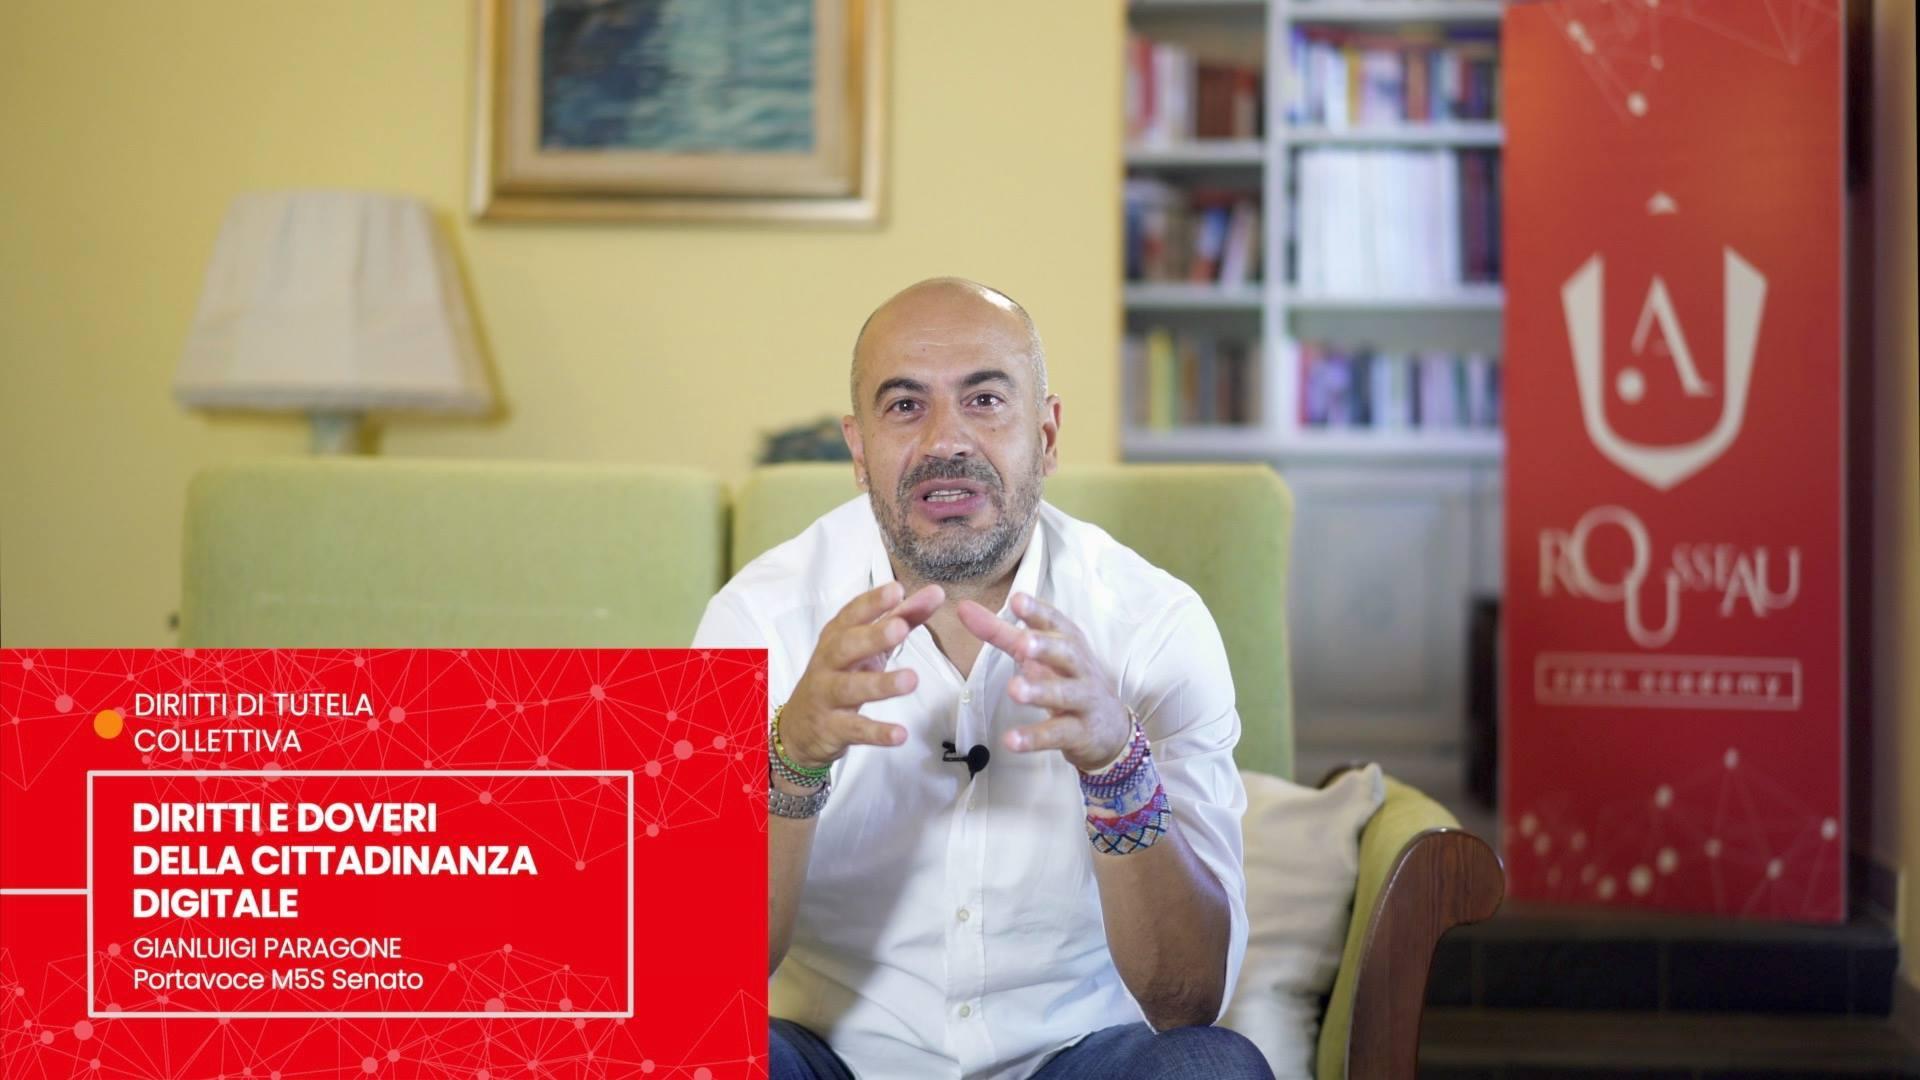 Gianluigi Paragone - DIRITTI E DOVERI DELLA CITTADINANZA DIGITALE